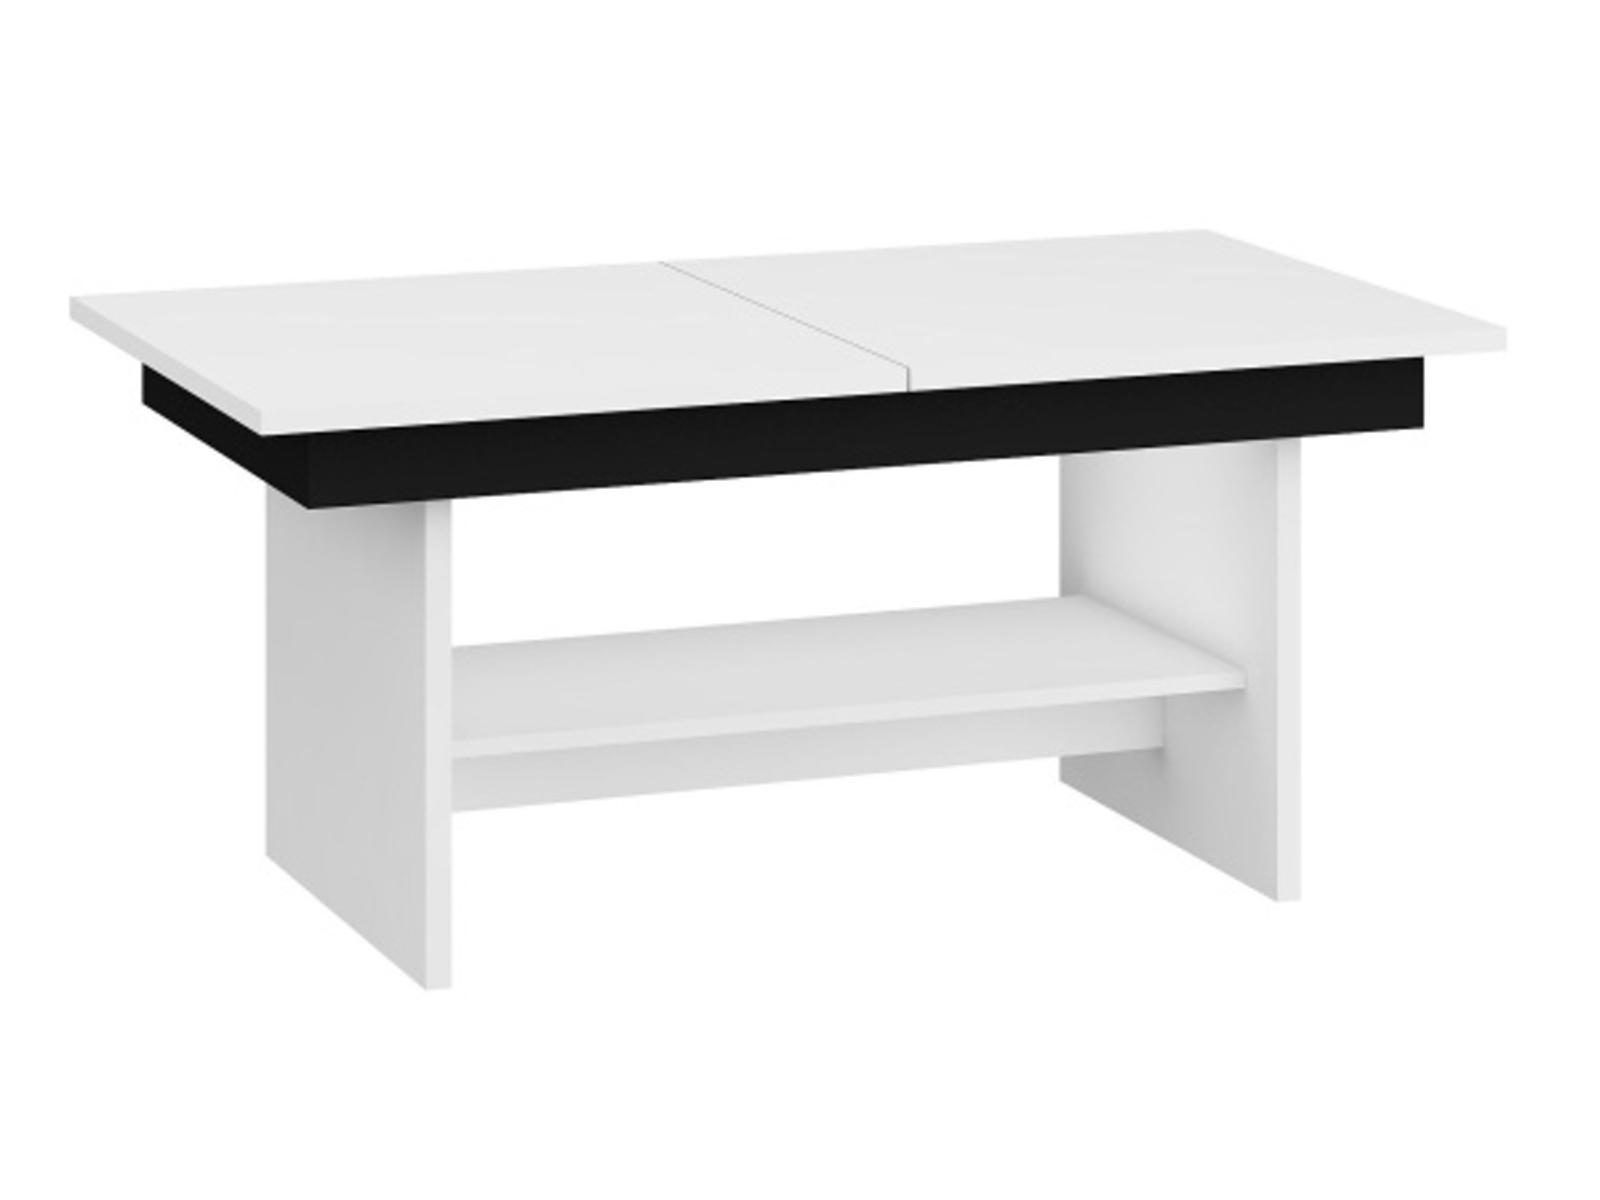 MORAVIA FLAT Konferenční stolek DALLAS rozkládací LESK, barva: bílá/černý lesk